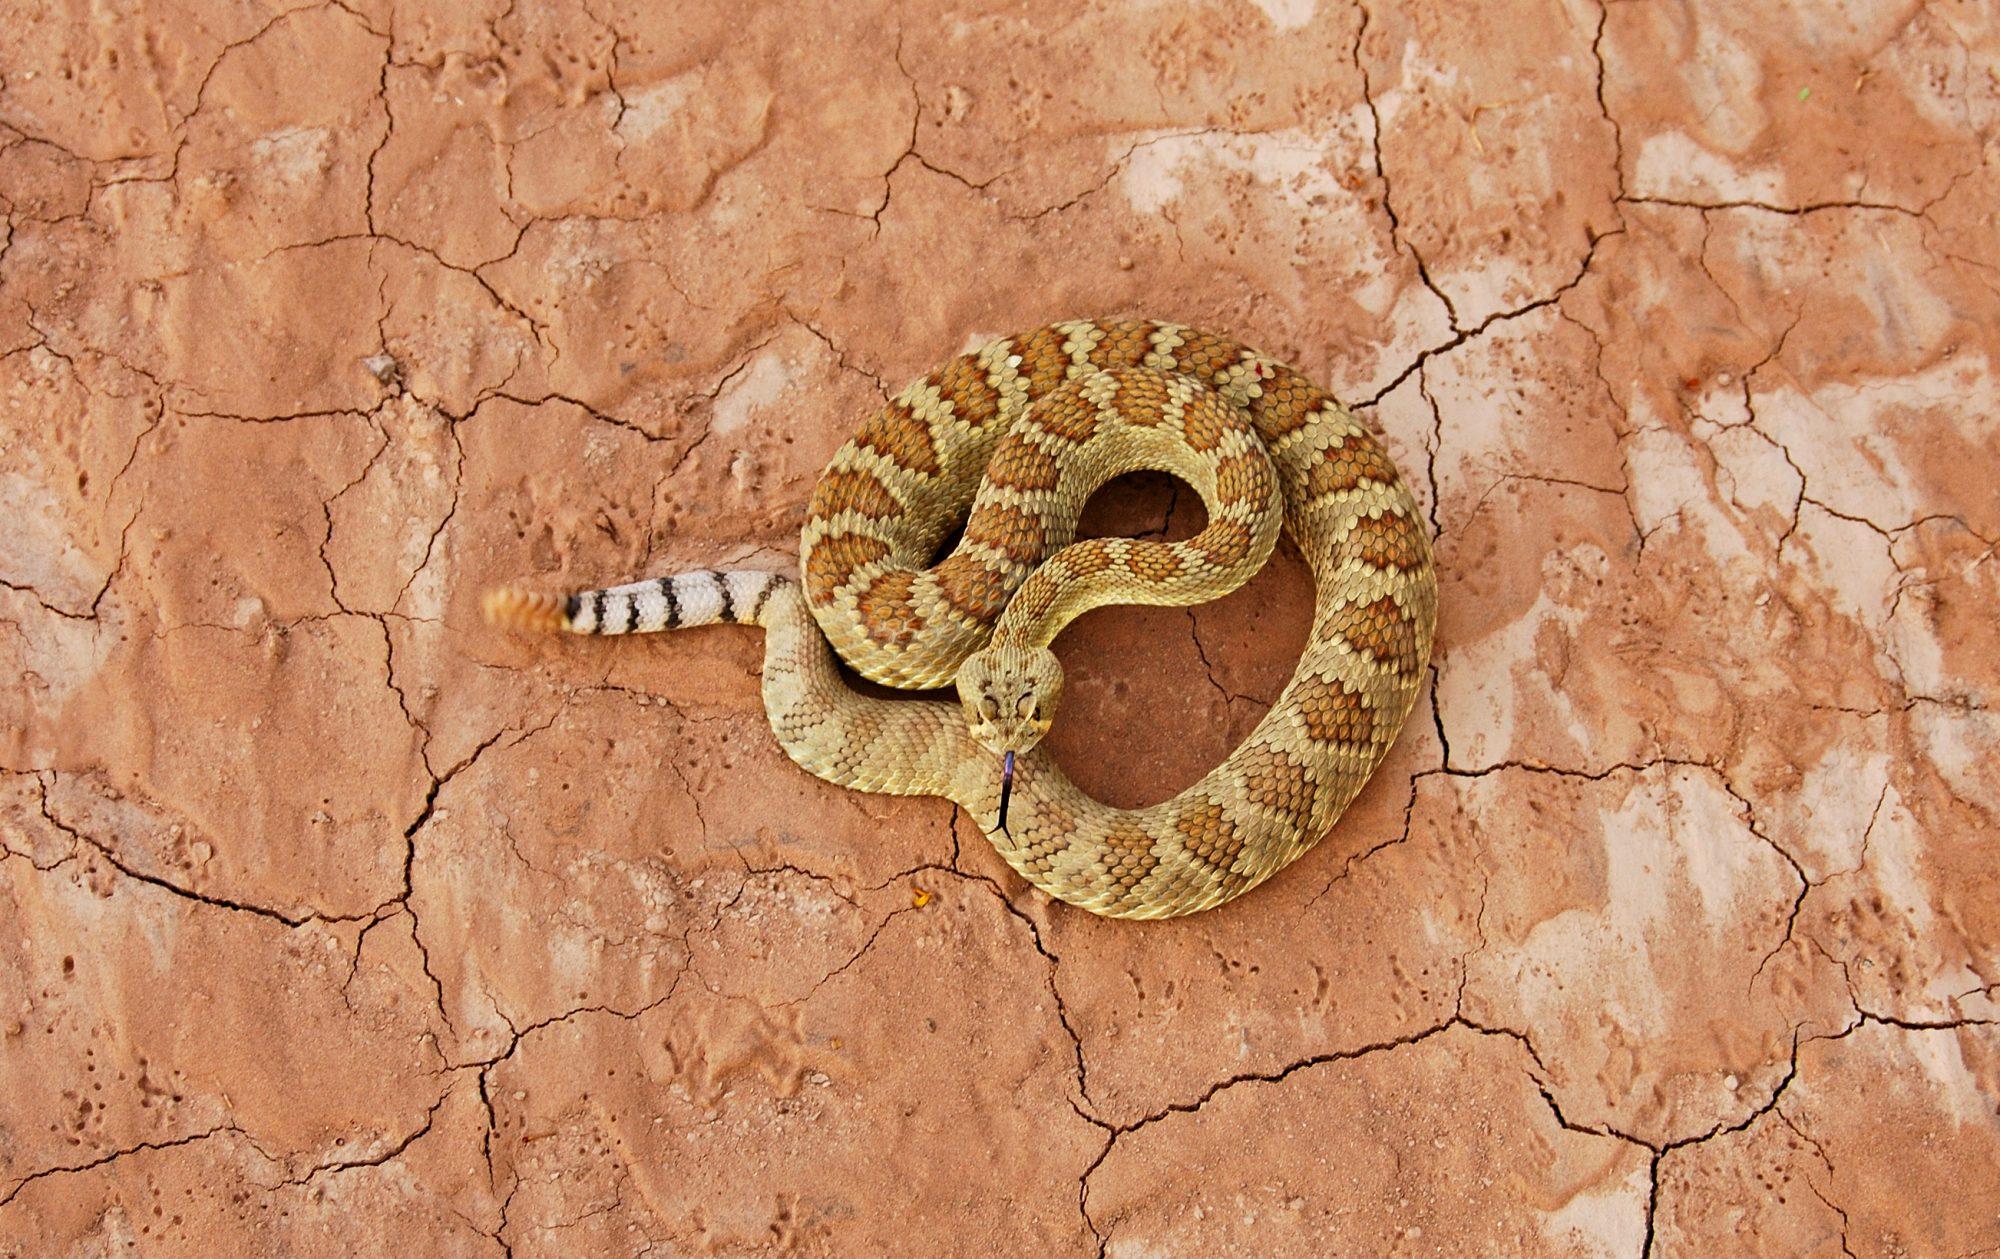 A rattlesnake.